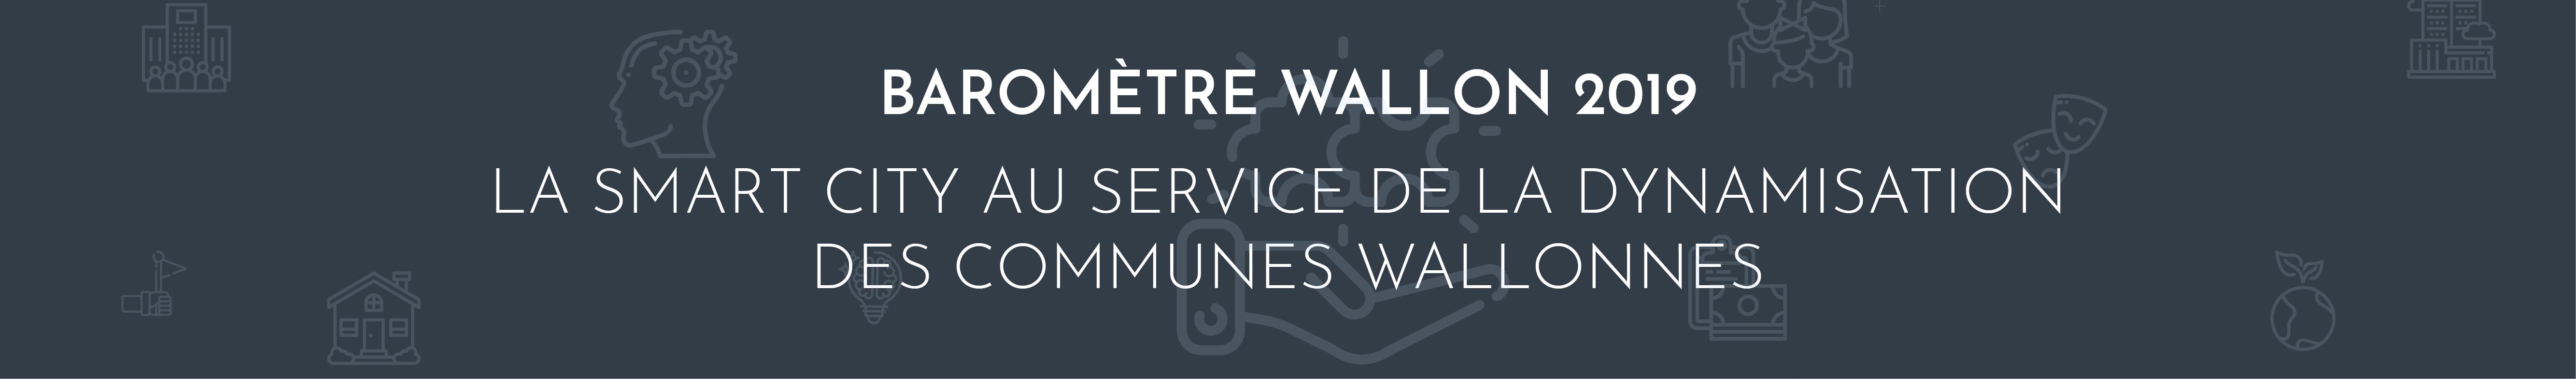 19-10-09-Barometre-wallon-19